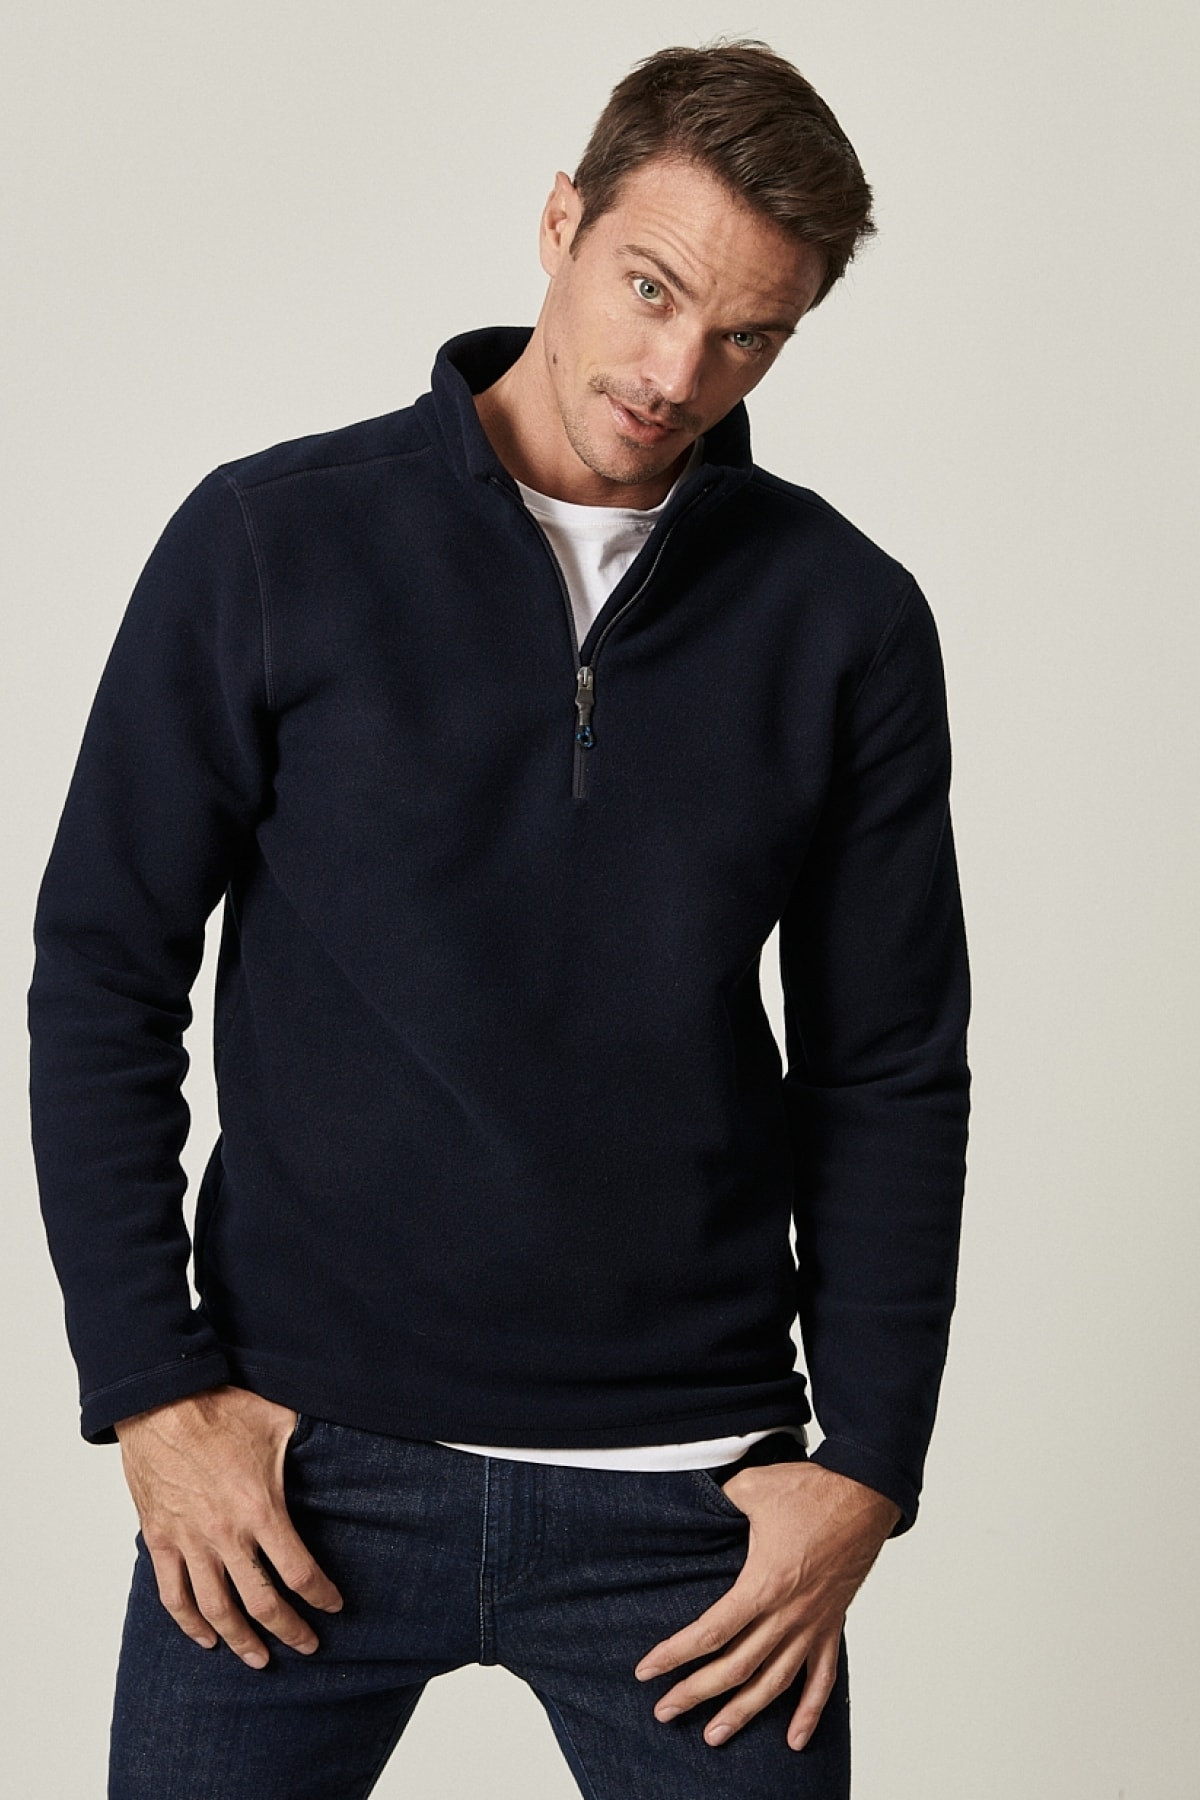 Standart Fit Günlük Rahat Fermuarlı Bato Yaka Spor Polar Sweatshirt